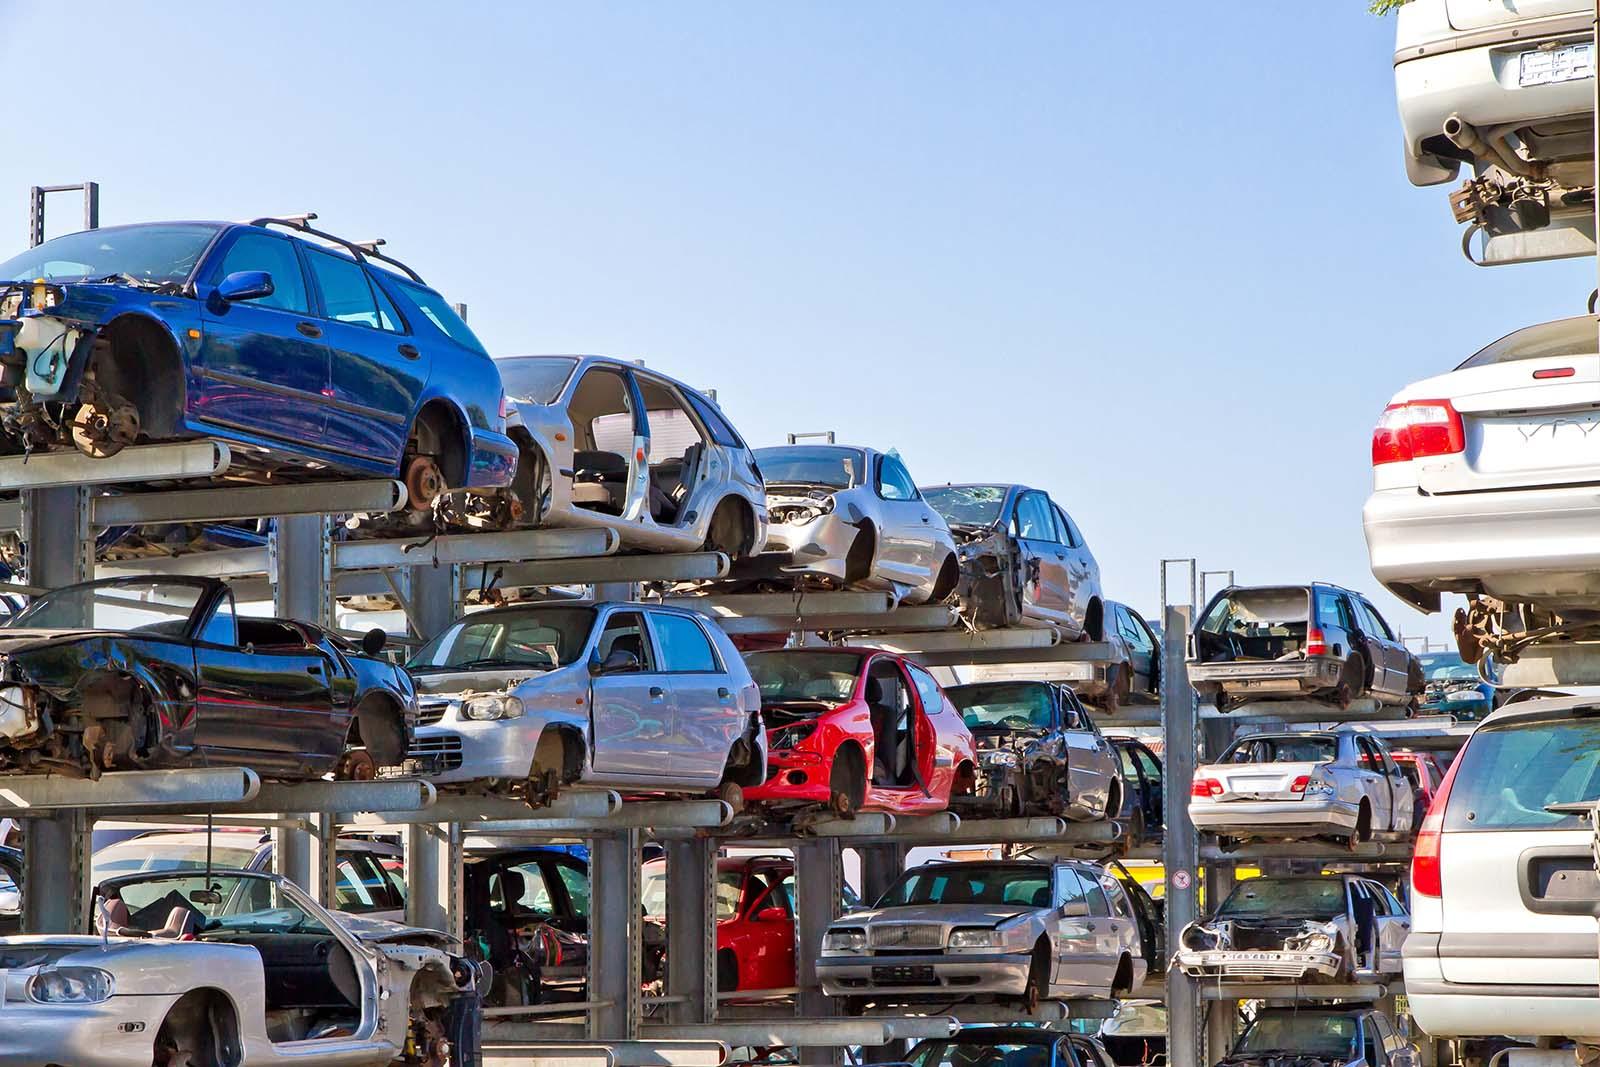 Hos vår bilskrot i Uppsala skrotar ni bilen säkert och tryggt. Vi betalar även er för att ni skrotar nyare bilar på vår bilskrot i Uppsala.